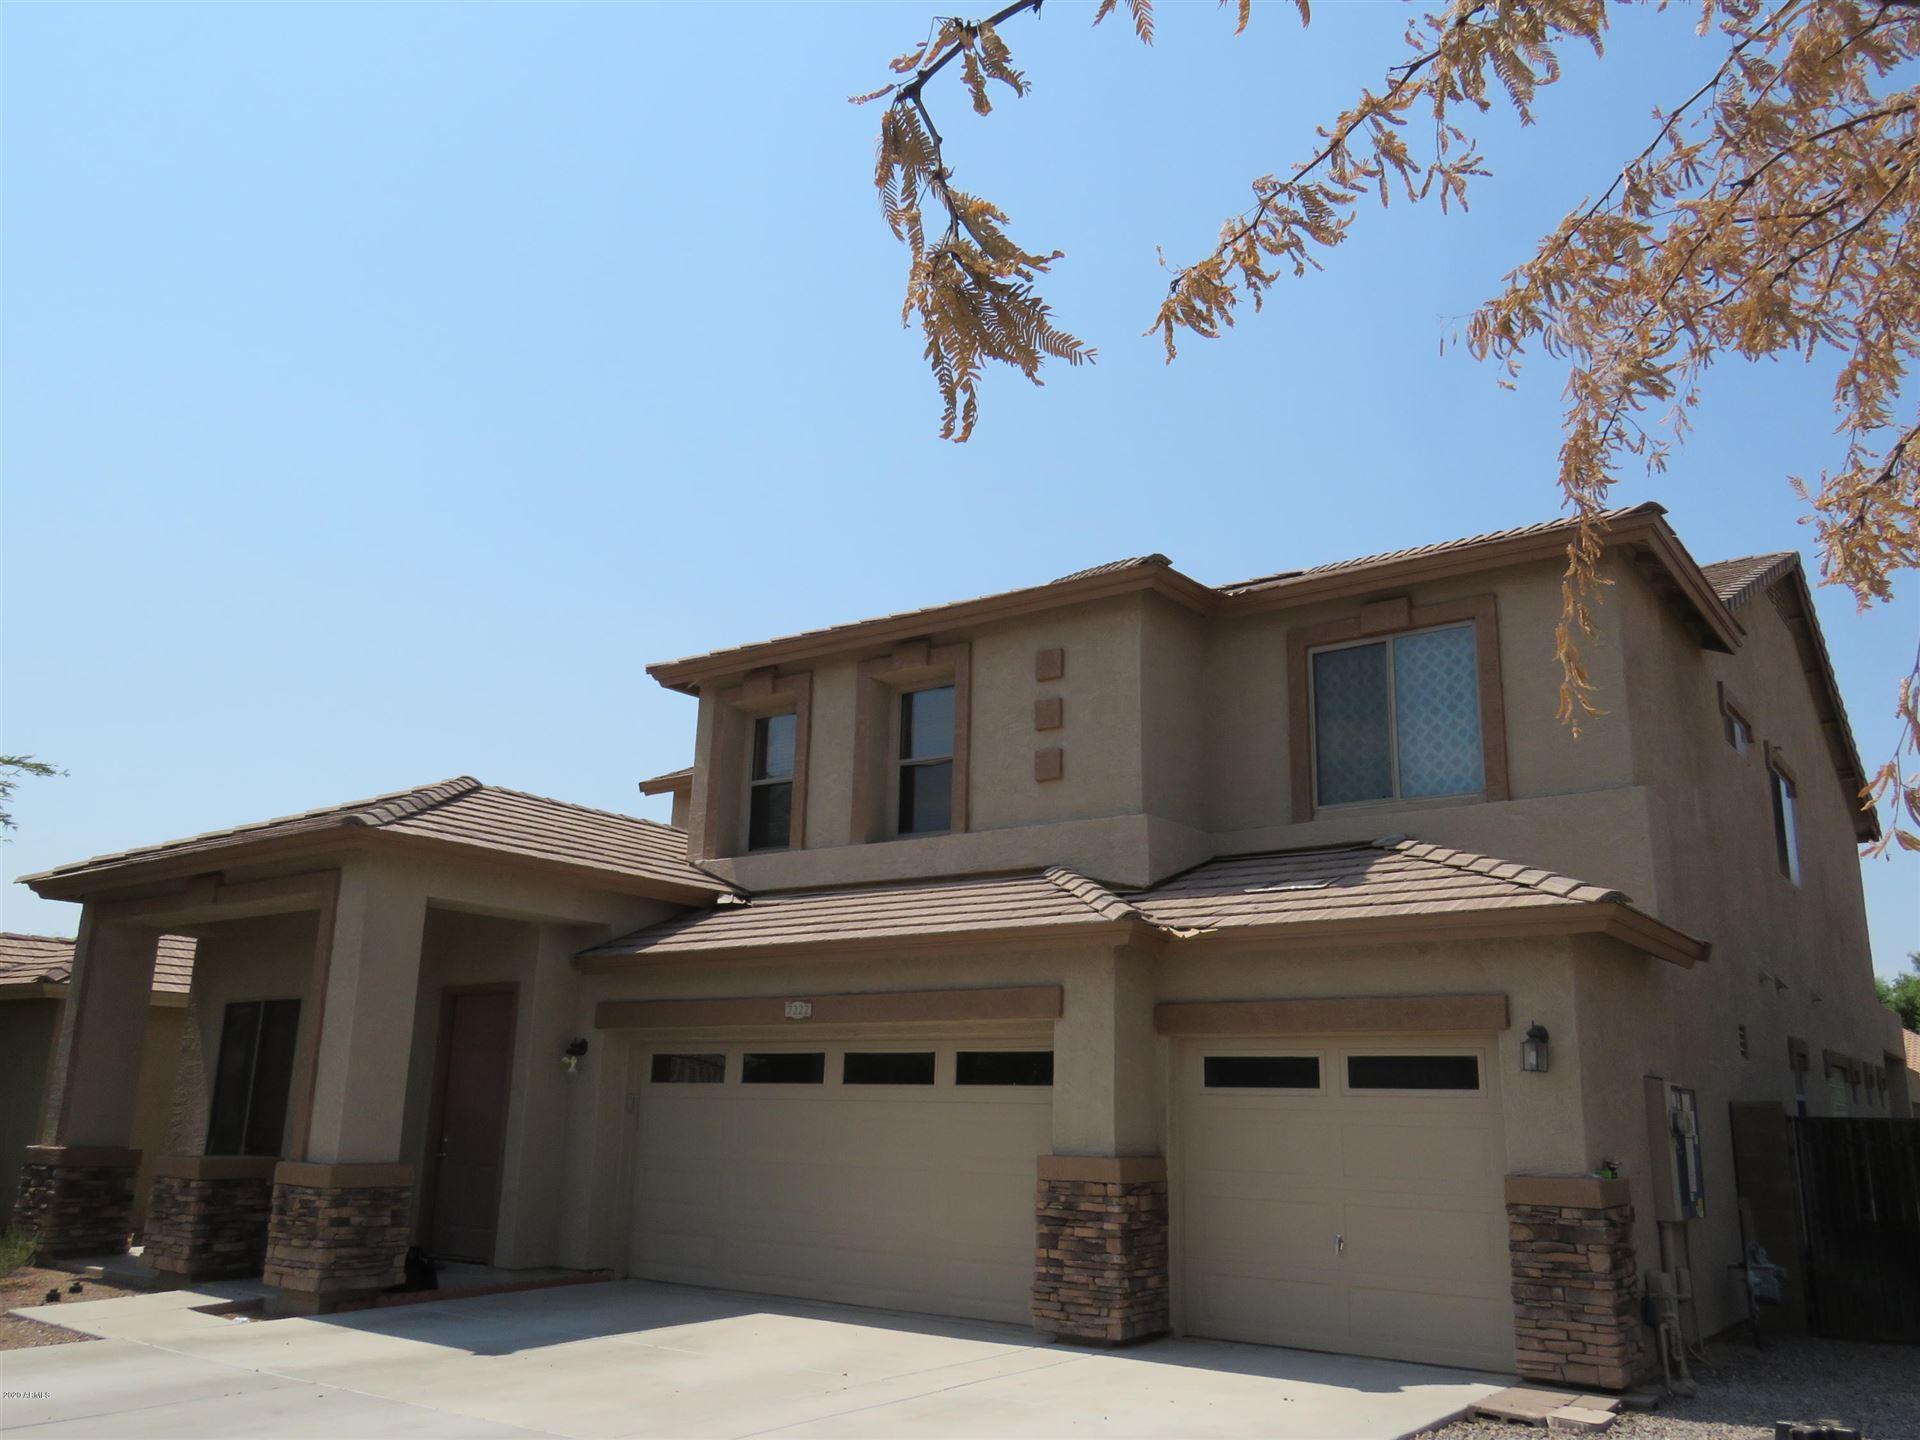 7222 W FLYNN Lane, Glendale, AZ 85303 - #: 6119419